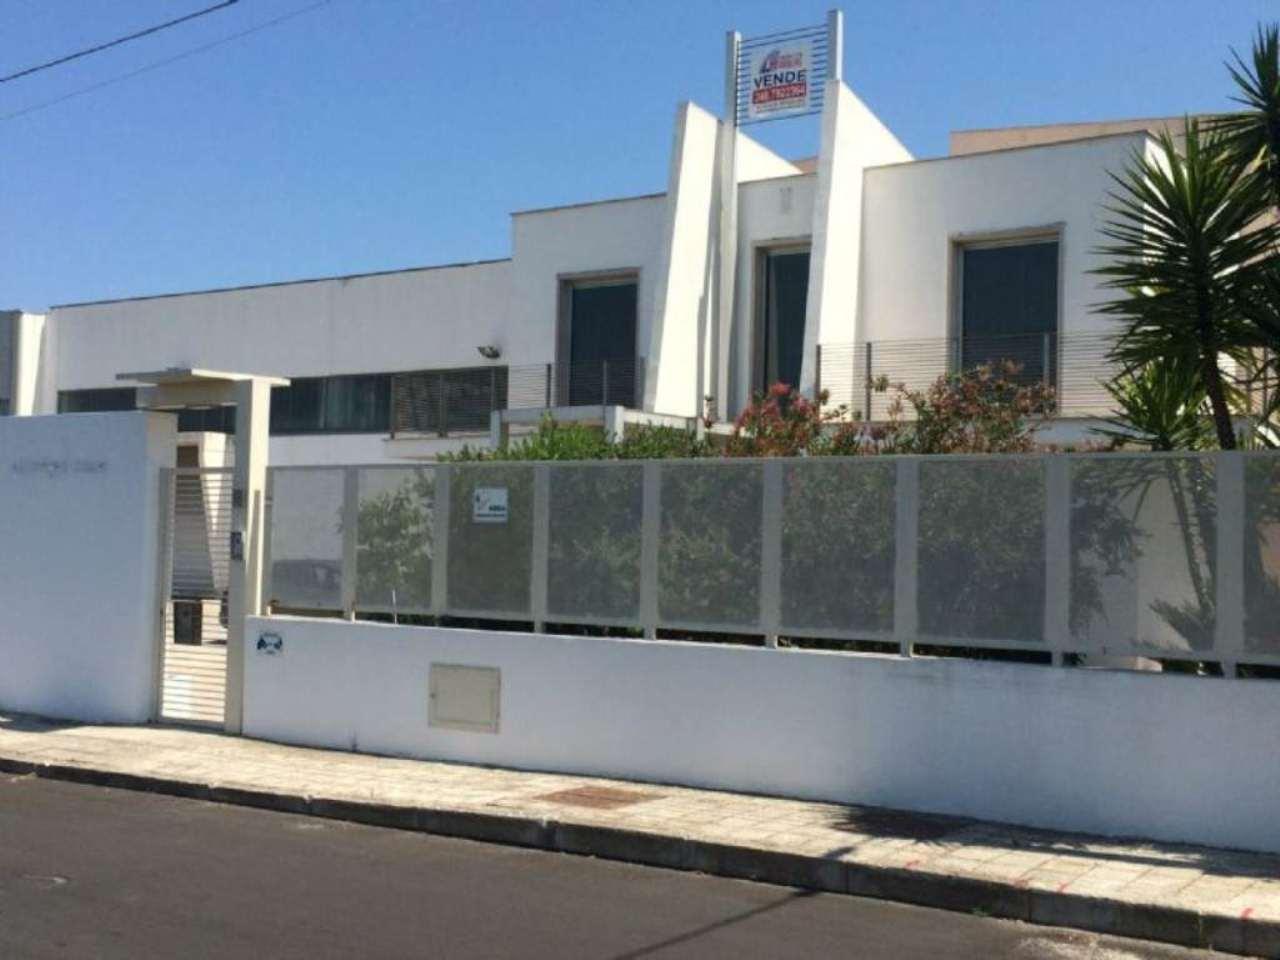 Capannone in vendita a Modugno, 8 locali, prezzo € 750.000 | Cambio Casa.it